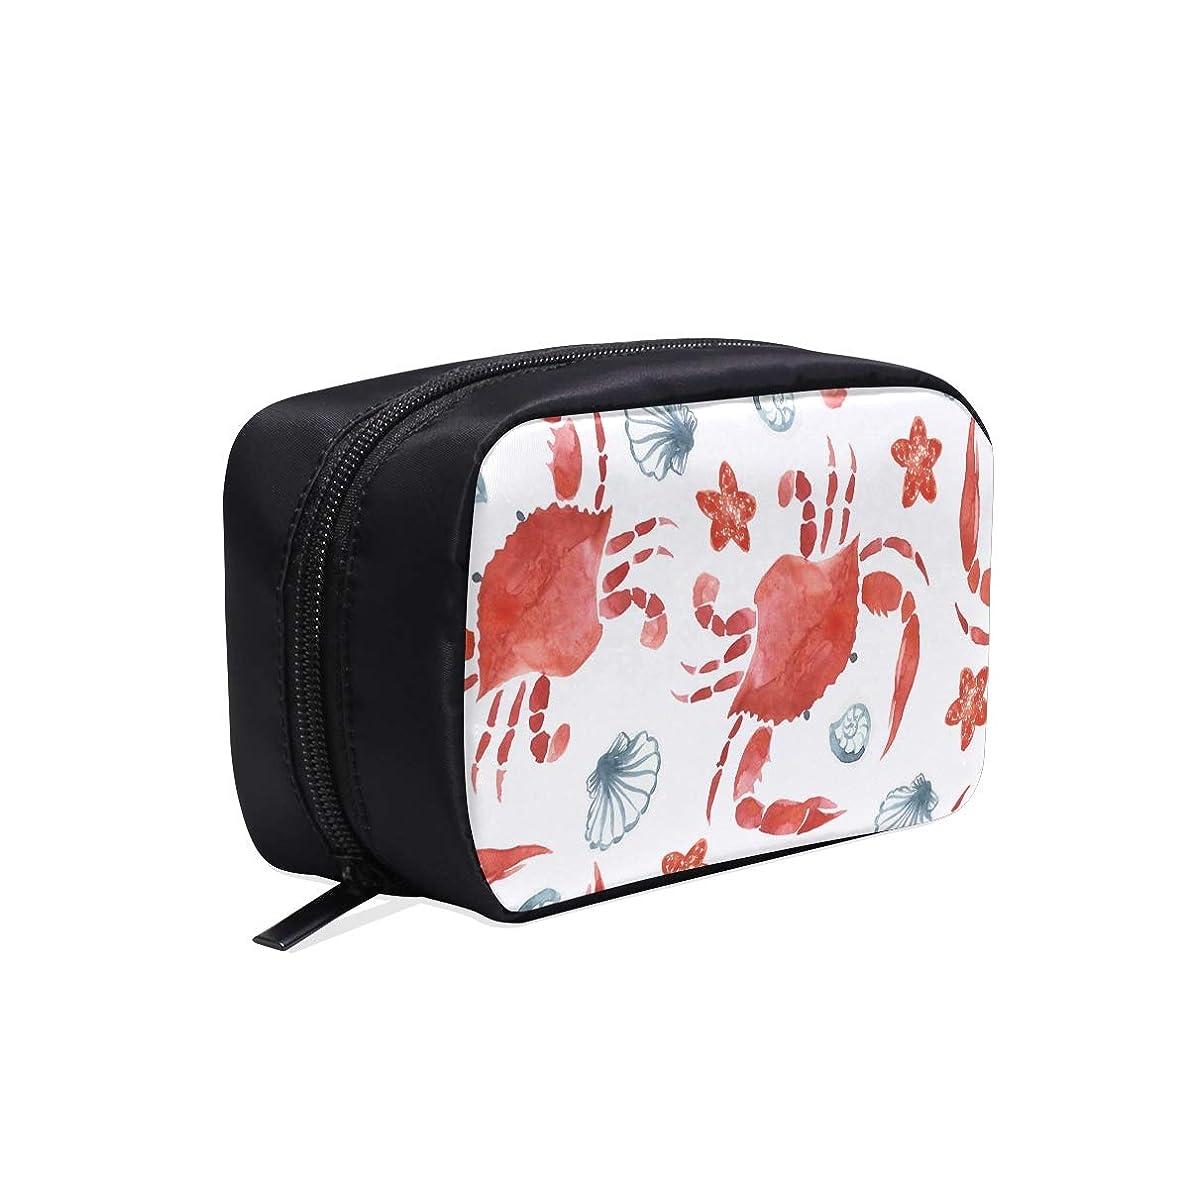 単調な舗装六分儀DMHYJ メイクポーチ カニ ボックス コスメ収納 化粧品収納ケース 大容量 収納 化粧品入れ 化粧バッグ 旅行用 メイクブラシバッグ 化粧箱 持ち運び便利 プロ用